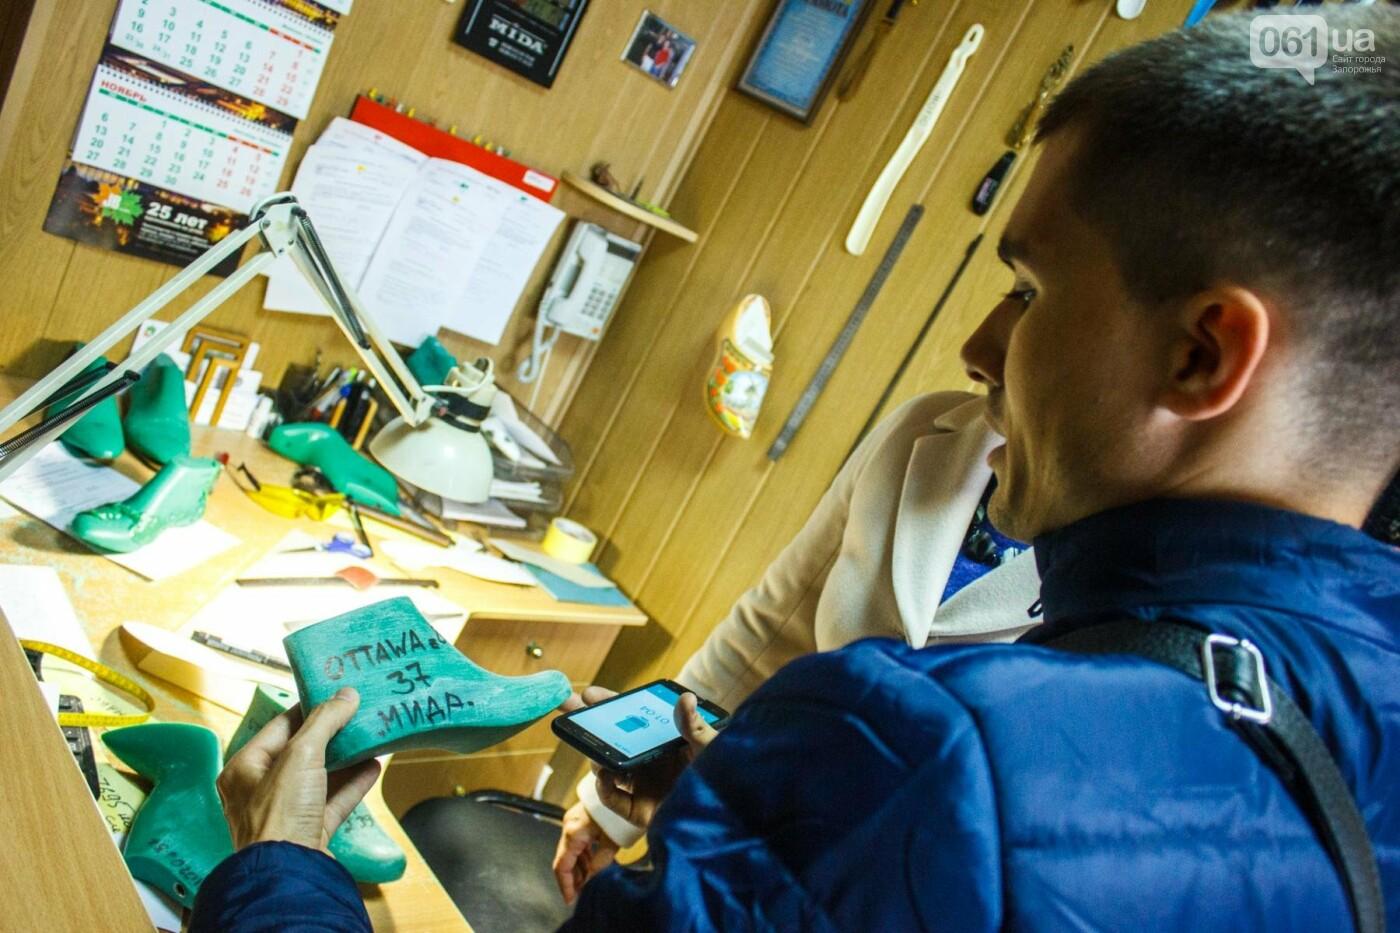 Как создается обувь: экскурсия на запорожскую обувную фабрику, – ФОТОРЕПОРТАЖ, фото-2